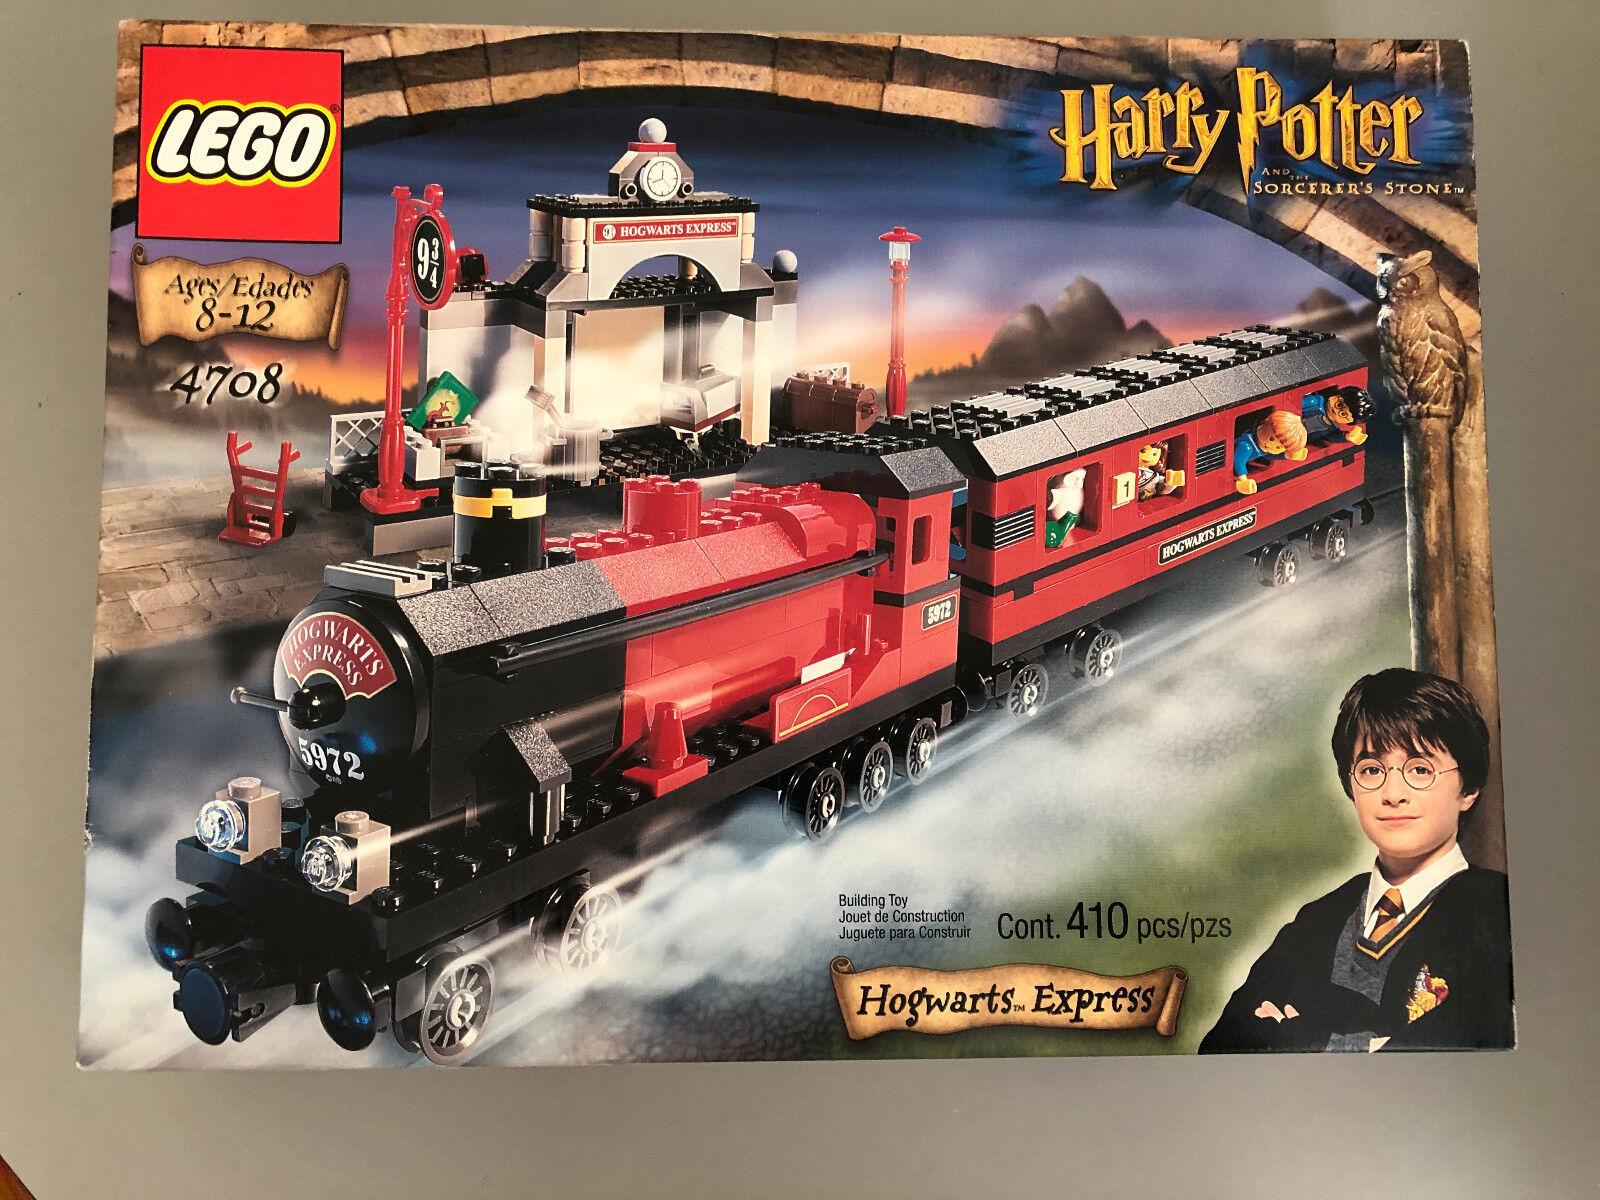 LEGO 4708 Harry Potter  Hogwarts  Express  nouveau   Factory Sealed  obtenir la dernière